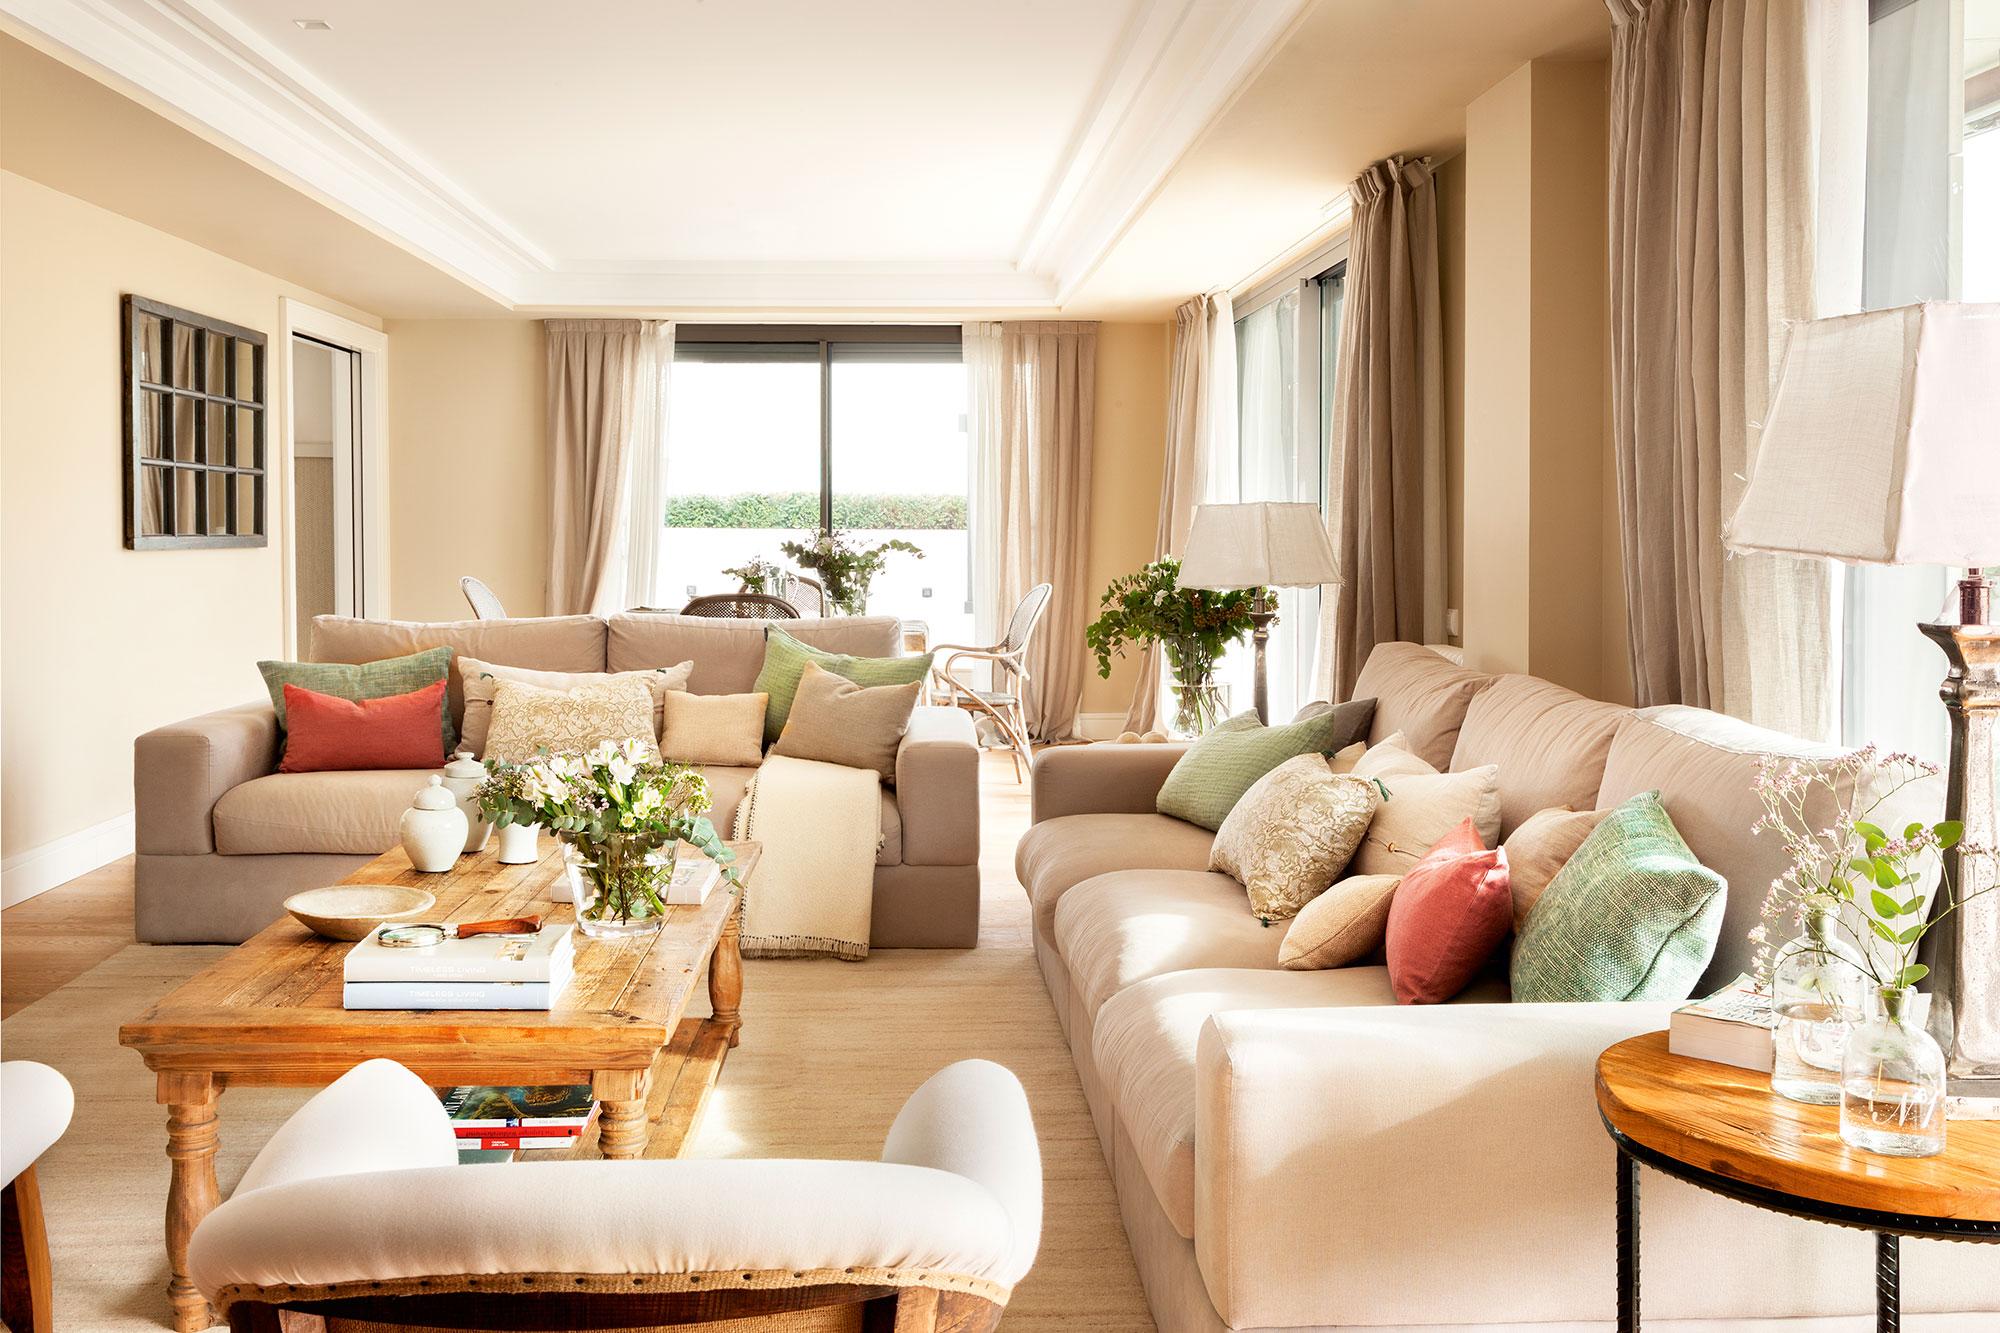 """Un clásico renovado Originario del s. XIX, el chéster es un sofá que dará una fuerte personalidad a tu salón. Tradicionalmente fabricados de manera artesanal, destacan por su respaldo bajo (unos 75 cm), aspecto mullido, tapizado en capitoné y reposabrazos en voluta. Los de la imagen son de Azul-Tierra. Salón decorado por Cristina Carbonell. 2 / 20 Menos es más En salones pequeños, es mejor optar por un sofá de dos plazas, como aquí, y completarlo con butacas o pufs, que no encorsetar uno más grande que no respire y abigarre demasiado el espacio. Recuerda que lo ideal es que el sofá mida unos 90 cm menos que la pared que lo albergará. Salón decorado por Bárbara Sindreu. 3 / 20 En """"L"""" Si distribuyes dos sofás en ángulo, como en este salón decorado por Pía Capdevila, lo mejor es arrimar a la pared el más grande y reservar para el lateral el más pequeño, como se ha hecho aquí. Con ello dejas más espacio libre para moverte con comodidad. 4 / 20 Una completísima tertulia En salones amplios y cuadrados, distribuir los sofás en """"U"""", con un par de butacas que cierren la tertulia, es una opción muy práctica. Para que sea más versátil, combina diferentes piezas, como aquí, donde las butacas tipo bergère a juego con el sofá, sirven de comodín, pudiéndolas mover fácilmente. 5 / 20 Un gran sofá rinconero Como indica su nombre, son perfectos para salvar una esquina y reconvertir ese espacio que, con dos sofás en """"L"""" se desperdiciaría, en asientos extra. El único handicap que presentan es que solo se adaptan en ángulos rectos. Salón decorado por Bárbara Sindreu. 6 / 20 Con módulo chaise longue Es literalmente un dos en uno: sofá + chaise longue. Y una opción muy práctica para aúnar en una sola pieza varias funciones. Sin embargo, se trata de sofás más grandes de los convencionales (mínimo de 250 cm), por lo que los metros cuentan. Este es el modelo Kivik de Ikea. 7 / 20 De obra y en """"L"""" Es como un traje a medida: lo planificas de acuerdo con el espacio con el que cuentas, aprovecha"""